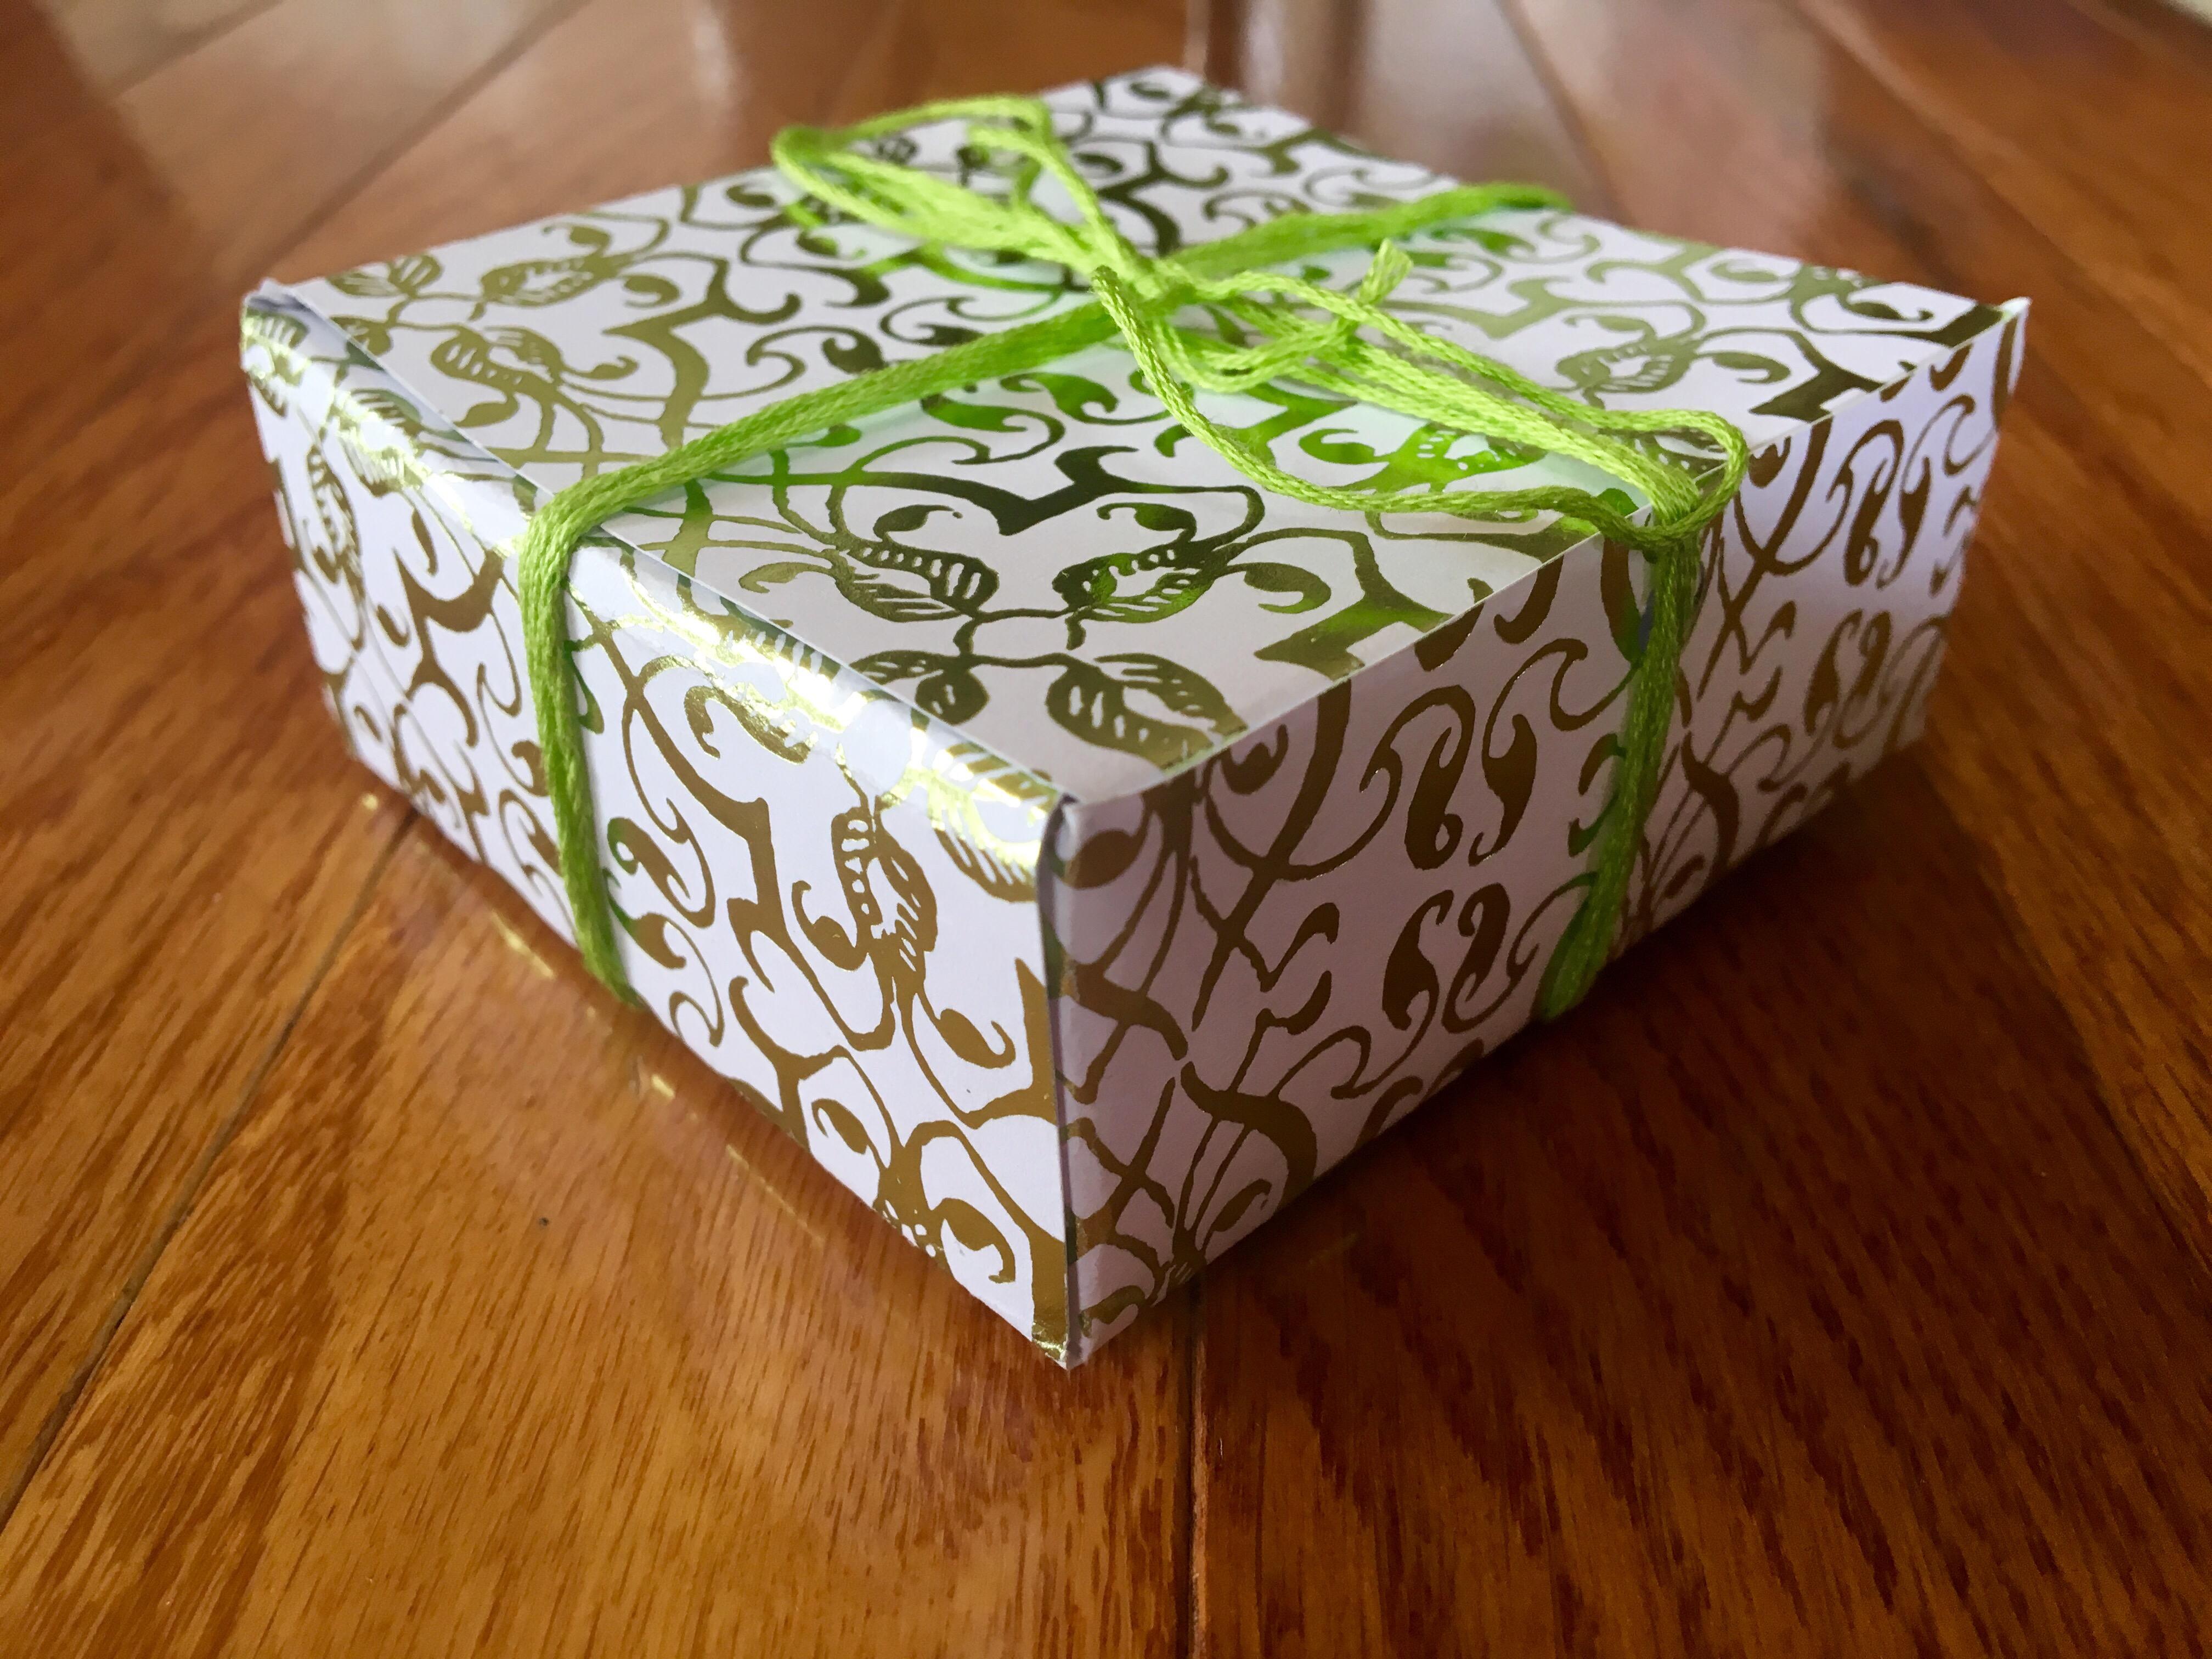 Scrapbook paper diy - Diy Scrapbook Paper Gift Box